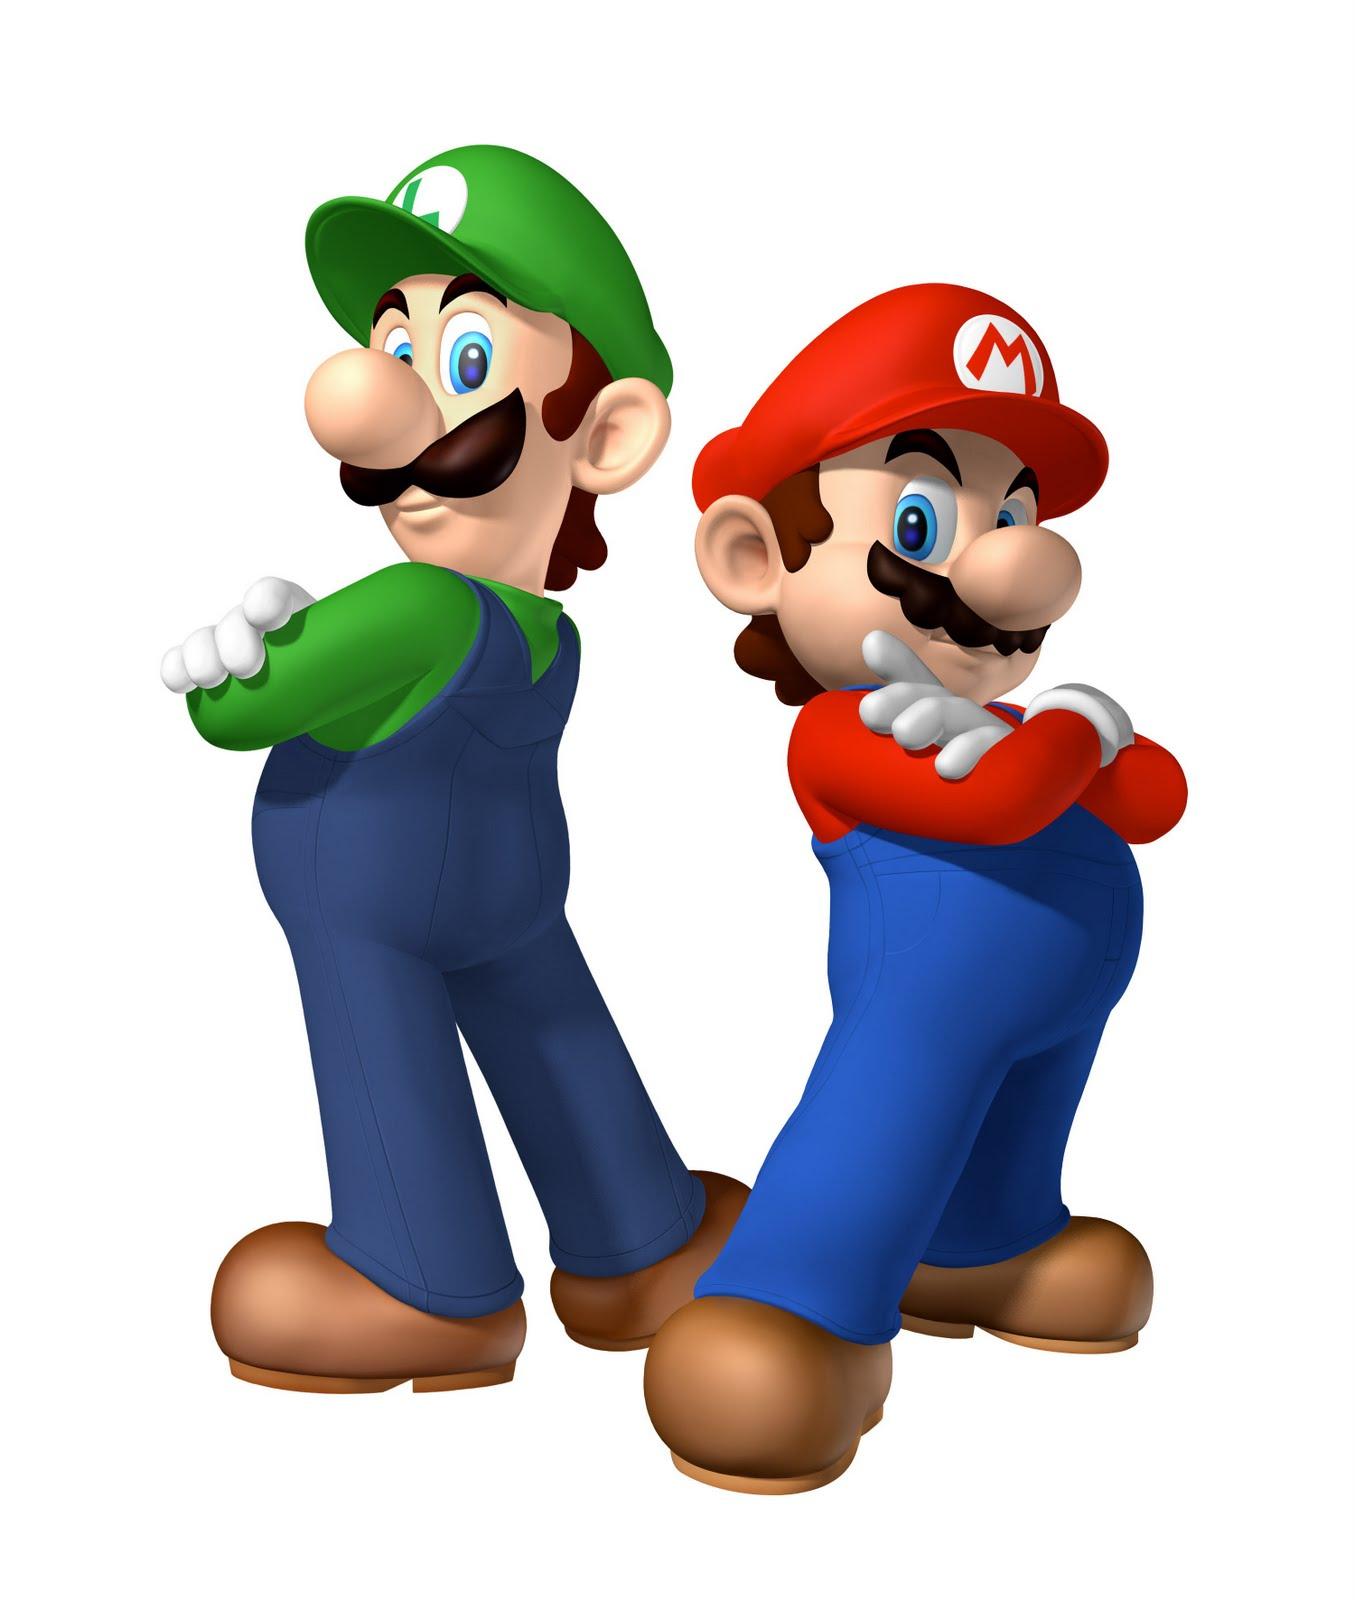 http://4.bp.blogspot.com/-3kdd0uZdb2Y/Ta6bn_0UJgI/AAAAAAAAAG8/eNd_qlhQO_c/s1600/Mario%2BBrothers.jpg